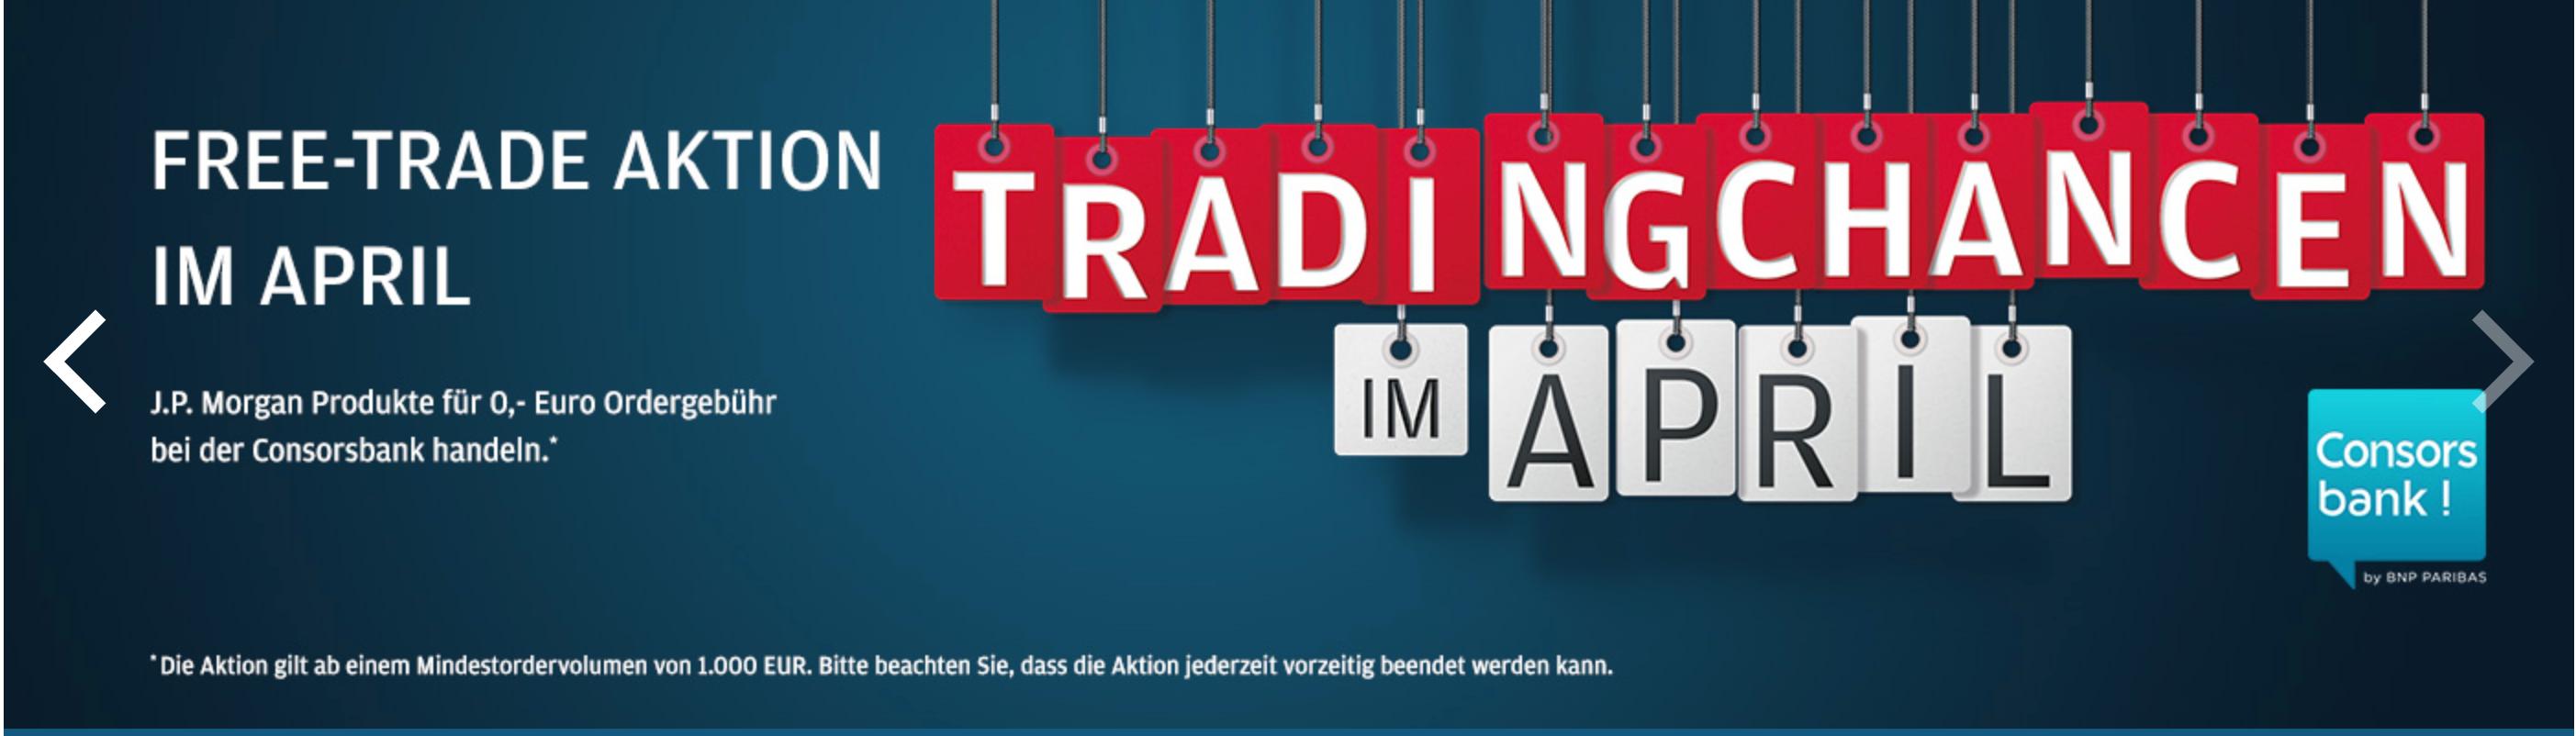 Diese-Home-Living-Aktie-macht-sich-wieder-auf-den-Weg-Chartanalyse-Johannes-Büttner-GodmodeTrader.de-2